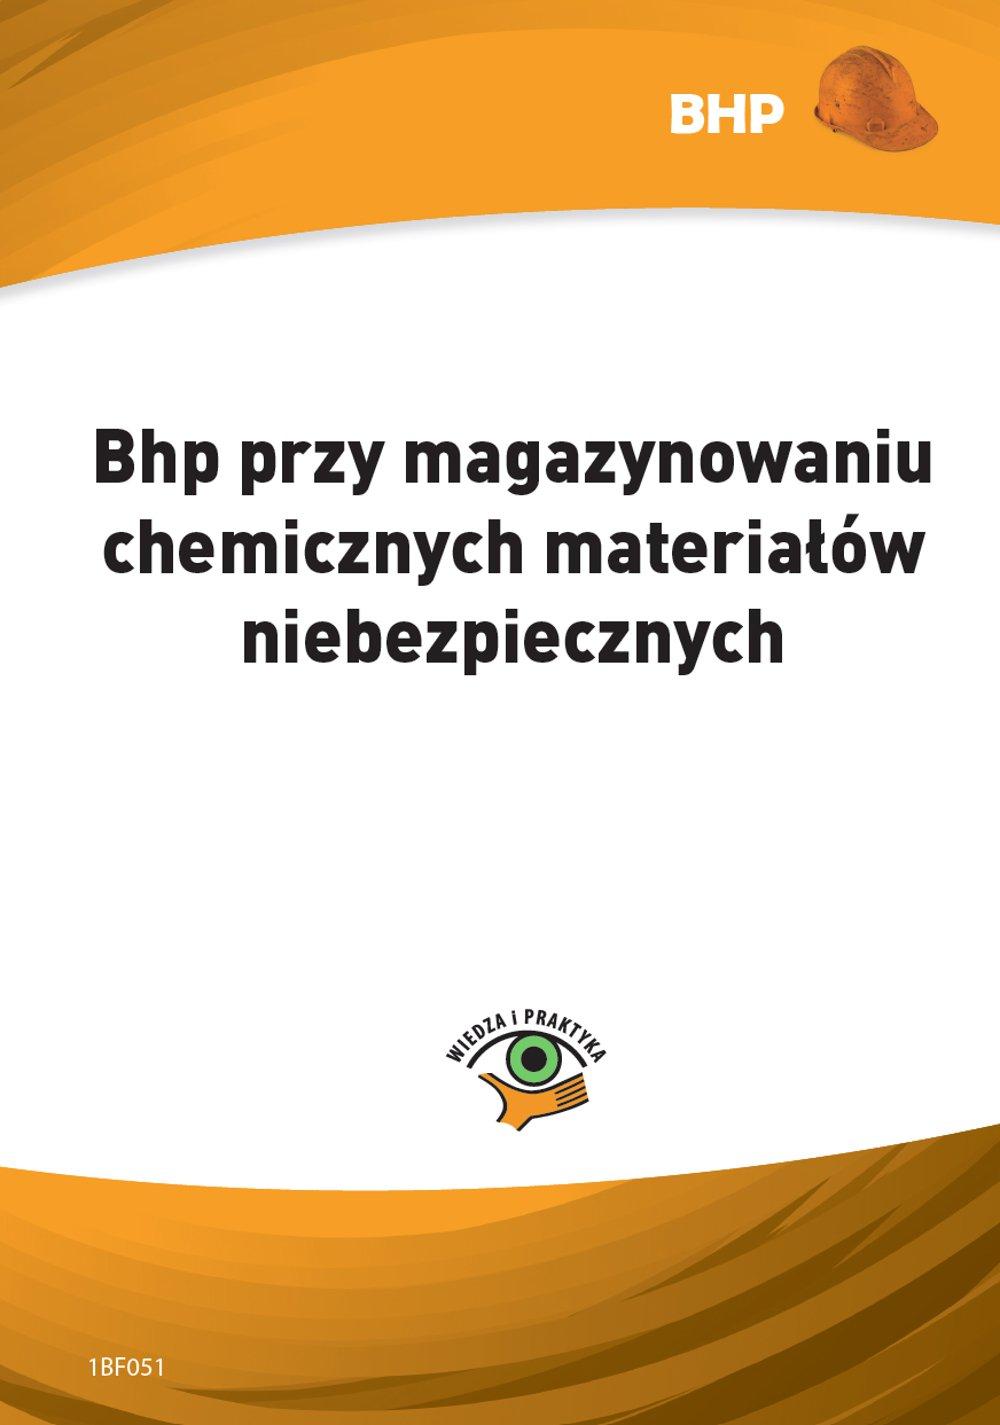 Bhp przy magazynowaniu chemicznych materiałów niebezpiecznych - Ebook (Książka PDF) do pobrania w formacie PDF